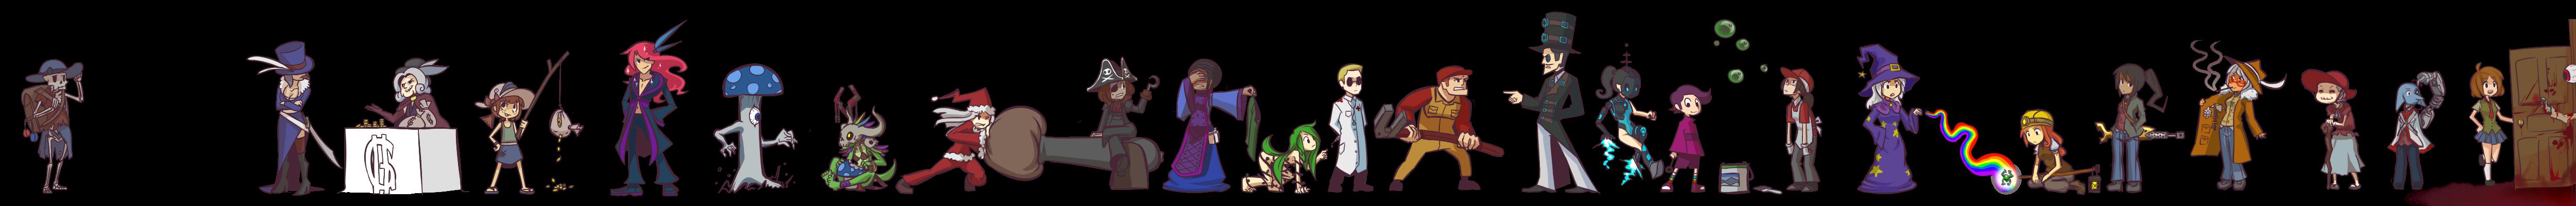 Terraria NPC Genderbending Complete Complete